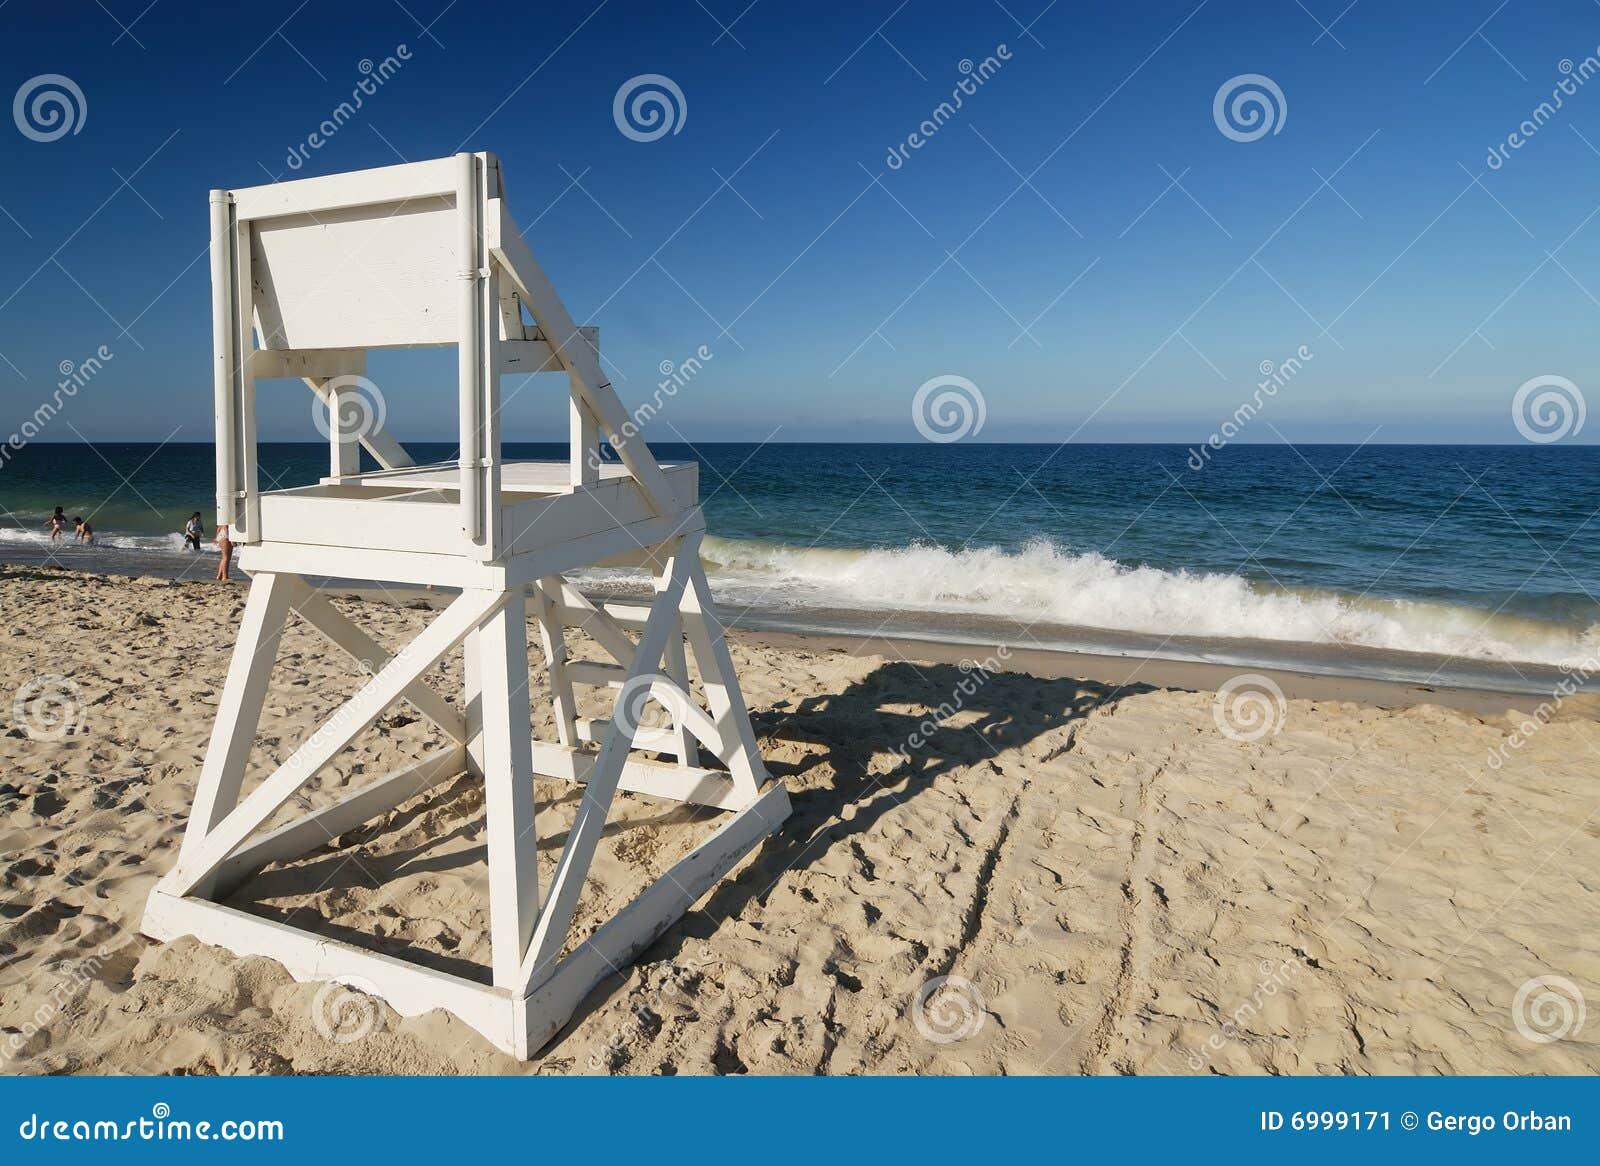 Life guard seat at perfect beach